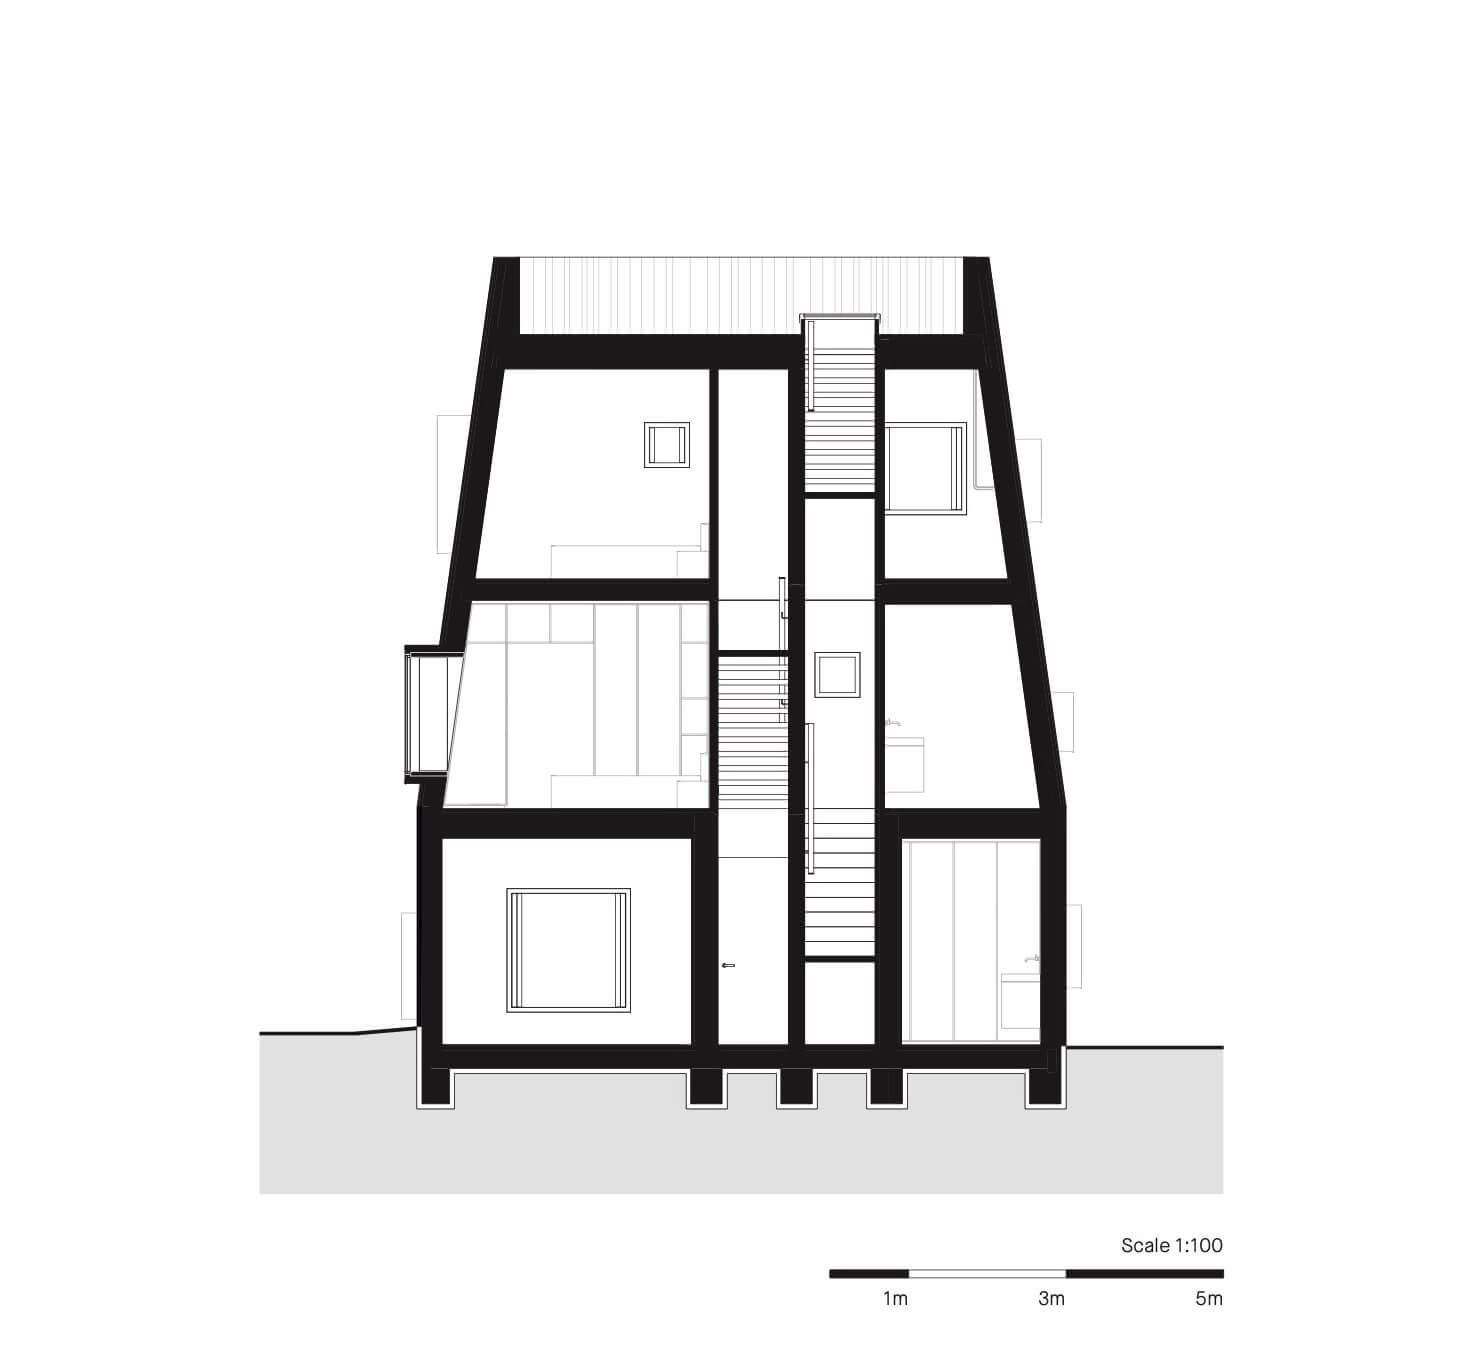 Villa Vught by Mecanoo